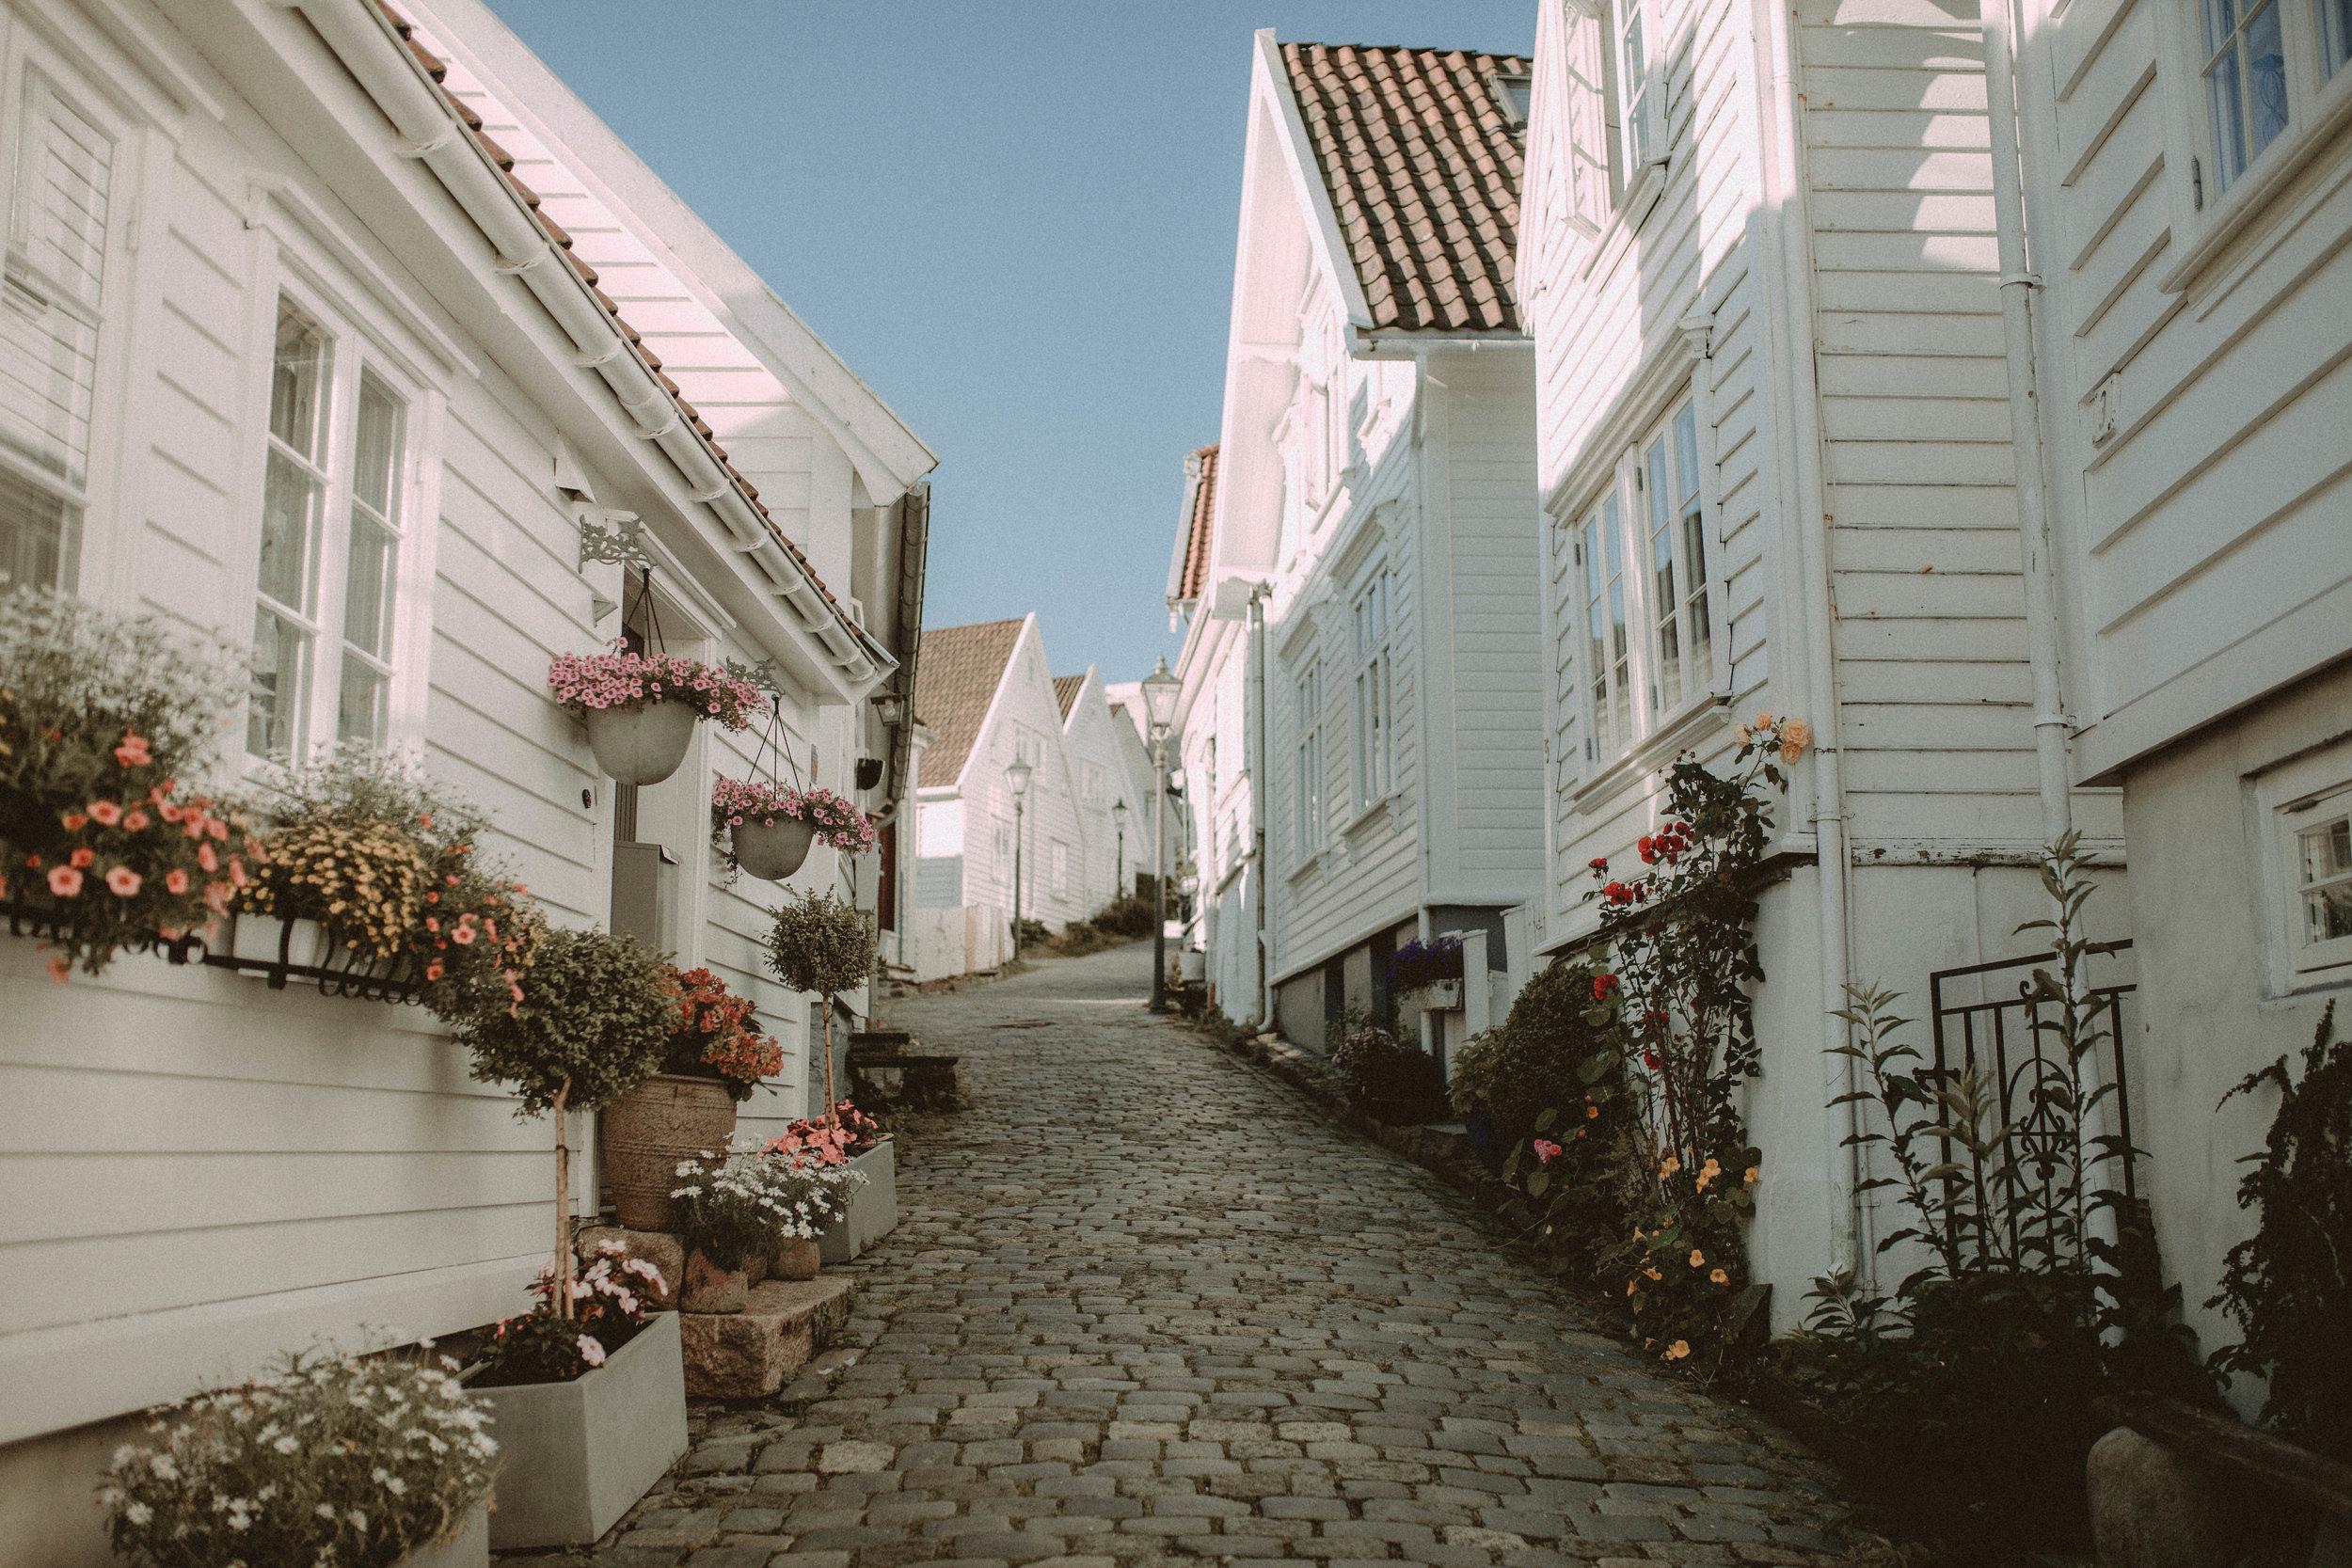 Stavanger_2017_09_02_030259-_CMB.jpg